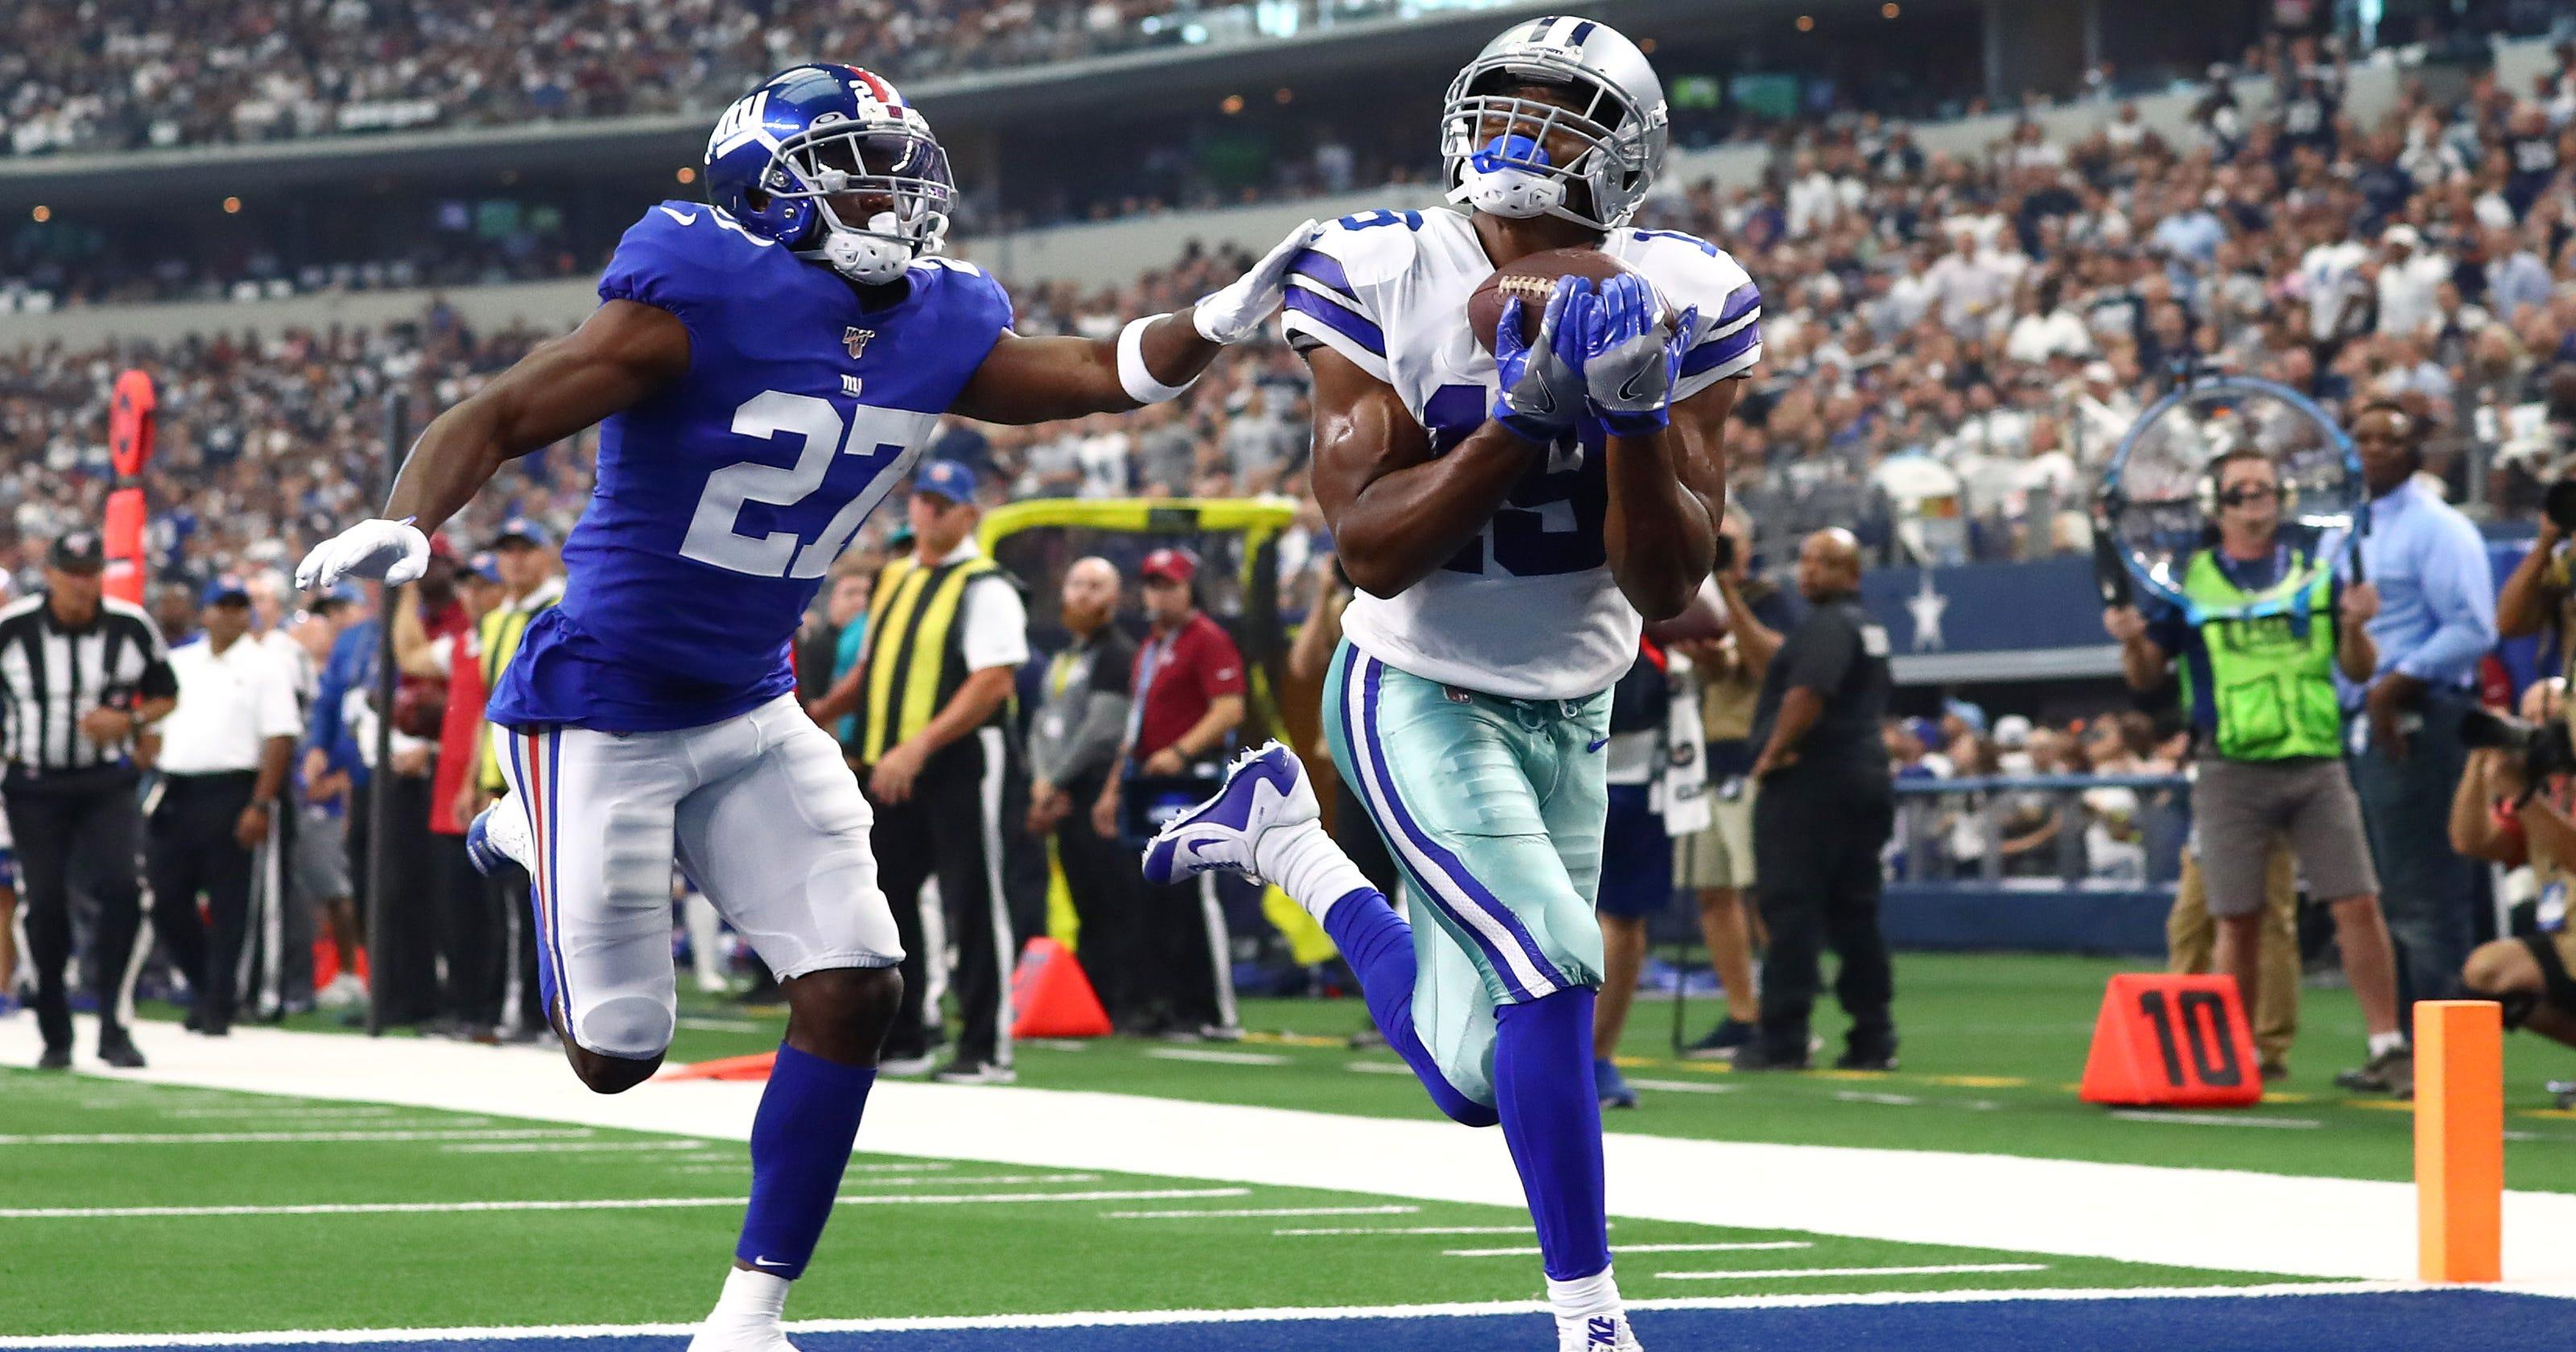 Ny Giants Vs Dallas Cowboys Predictions For Nfl Week 9 Matchup